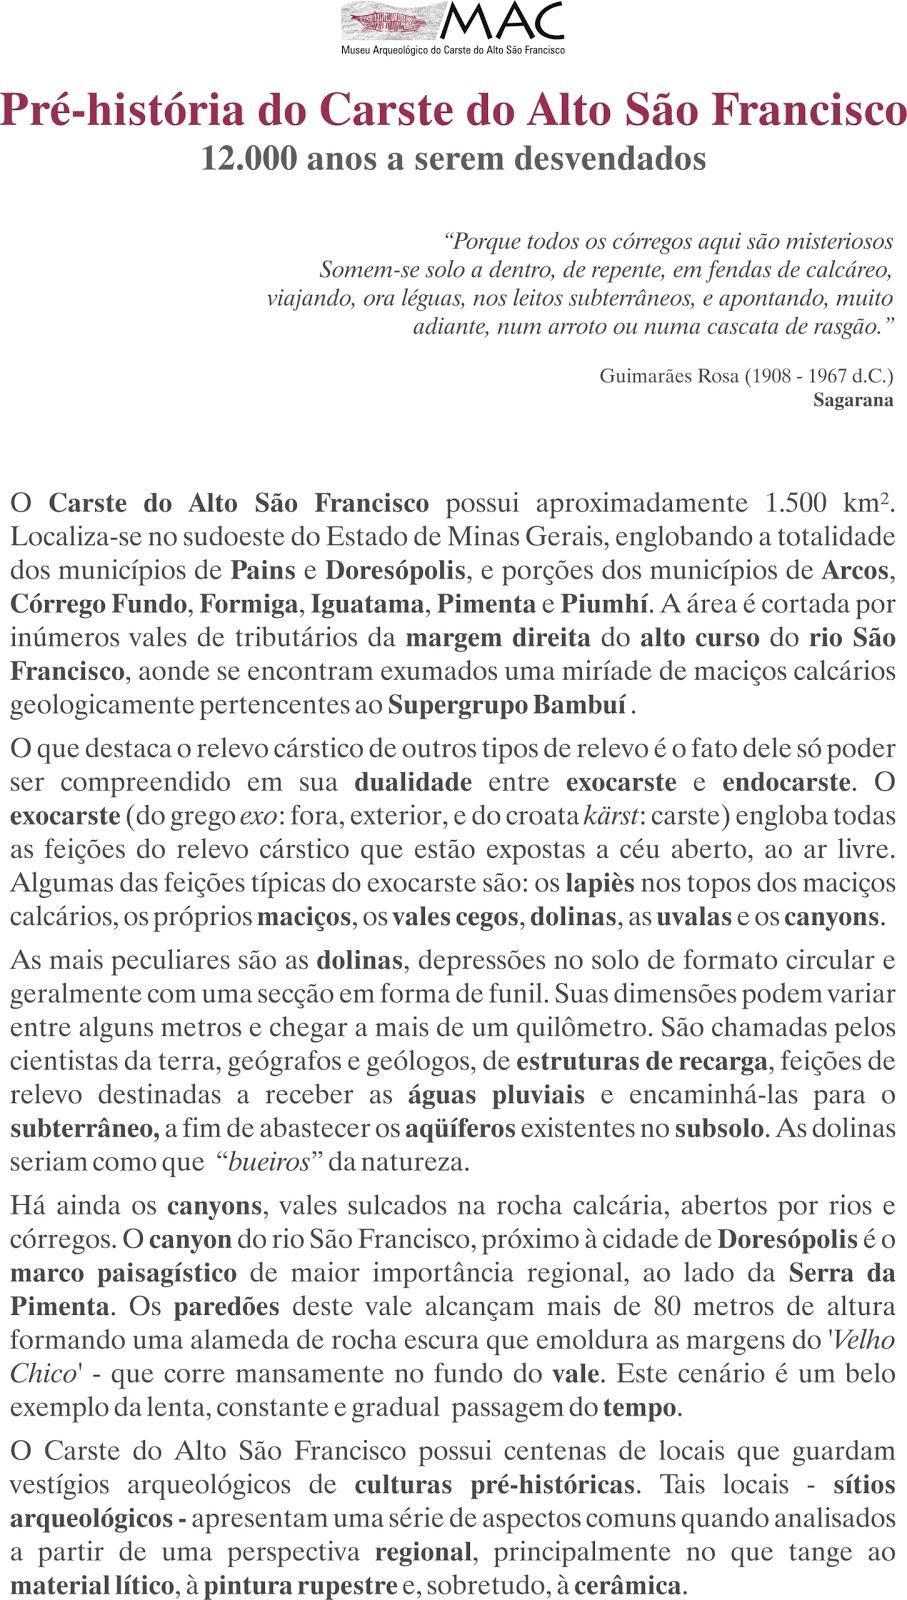 Publicado na Folha de São Paulo em 25/07/2011-18h38